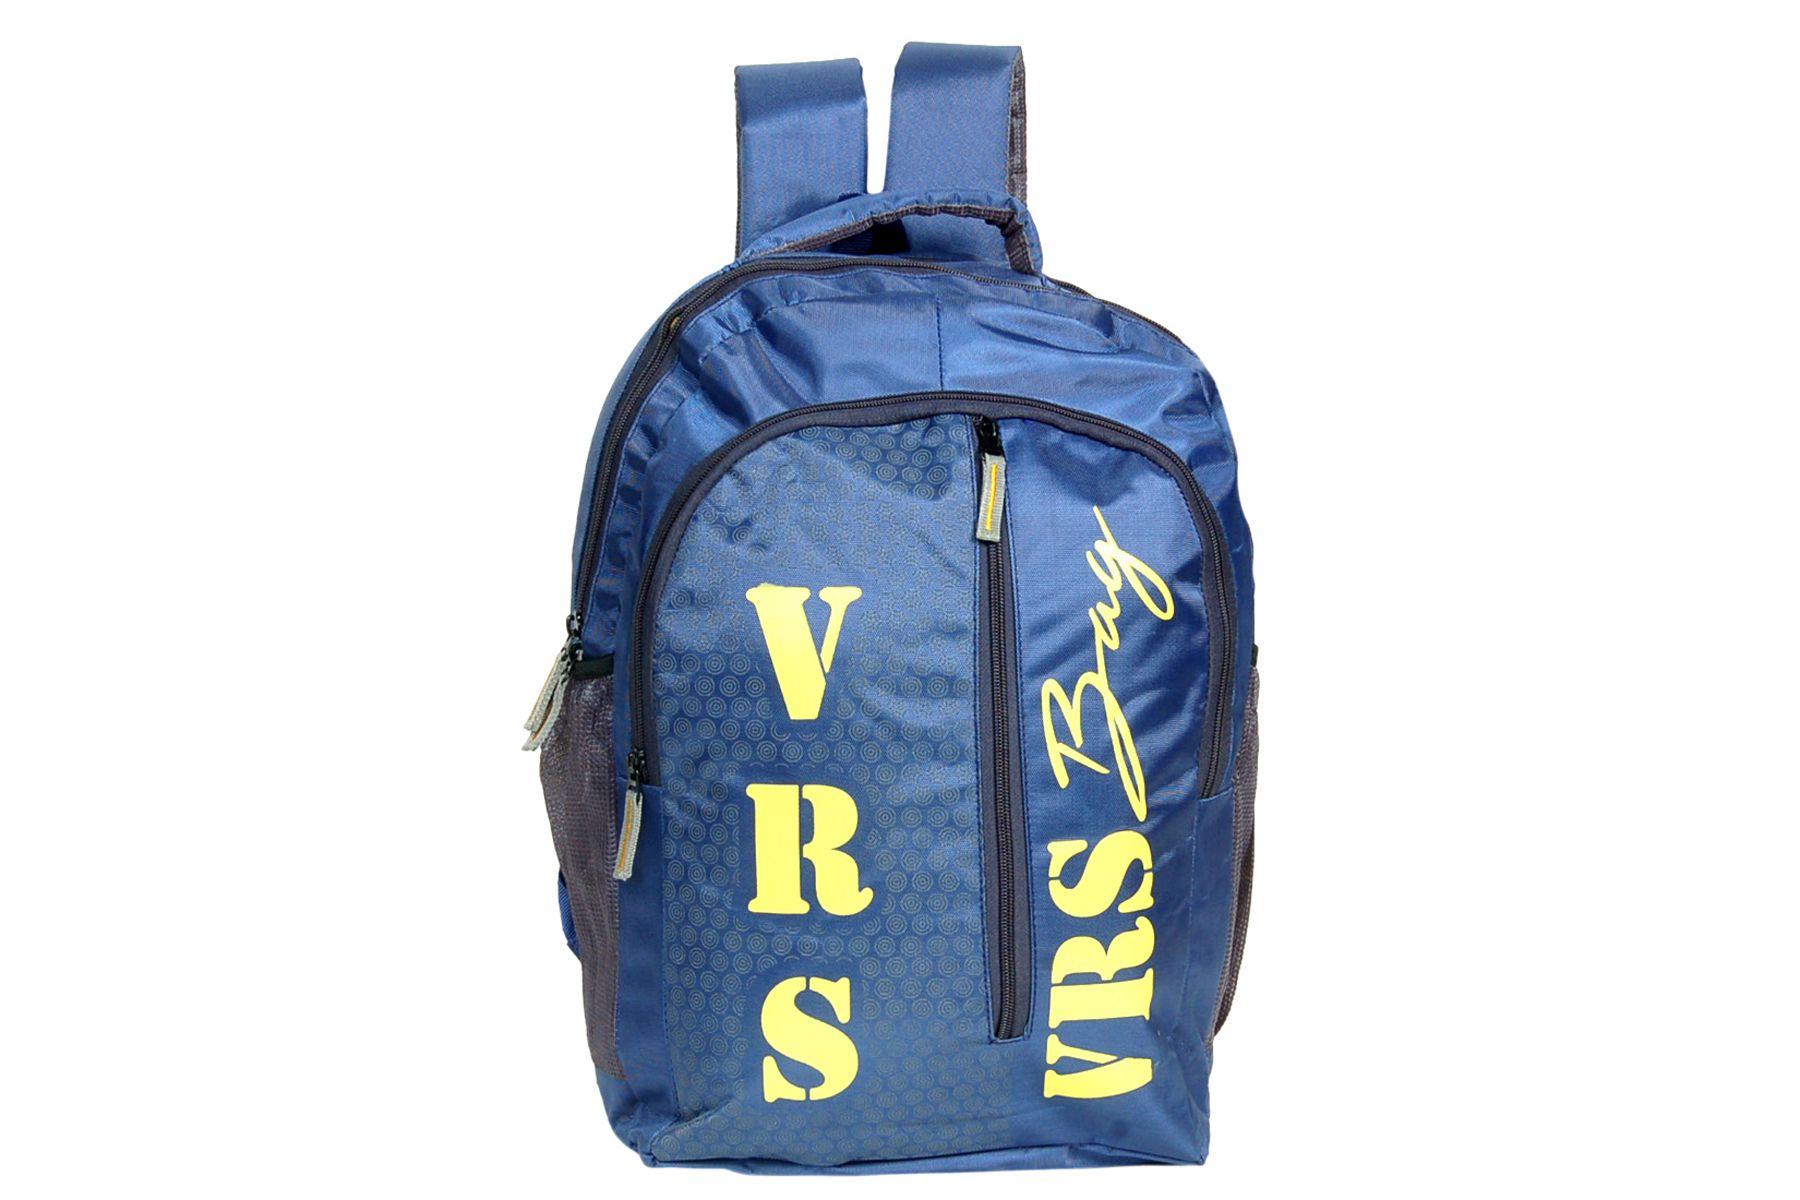 VRS BAG Blue School Bag for Boys & Girls